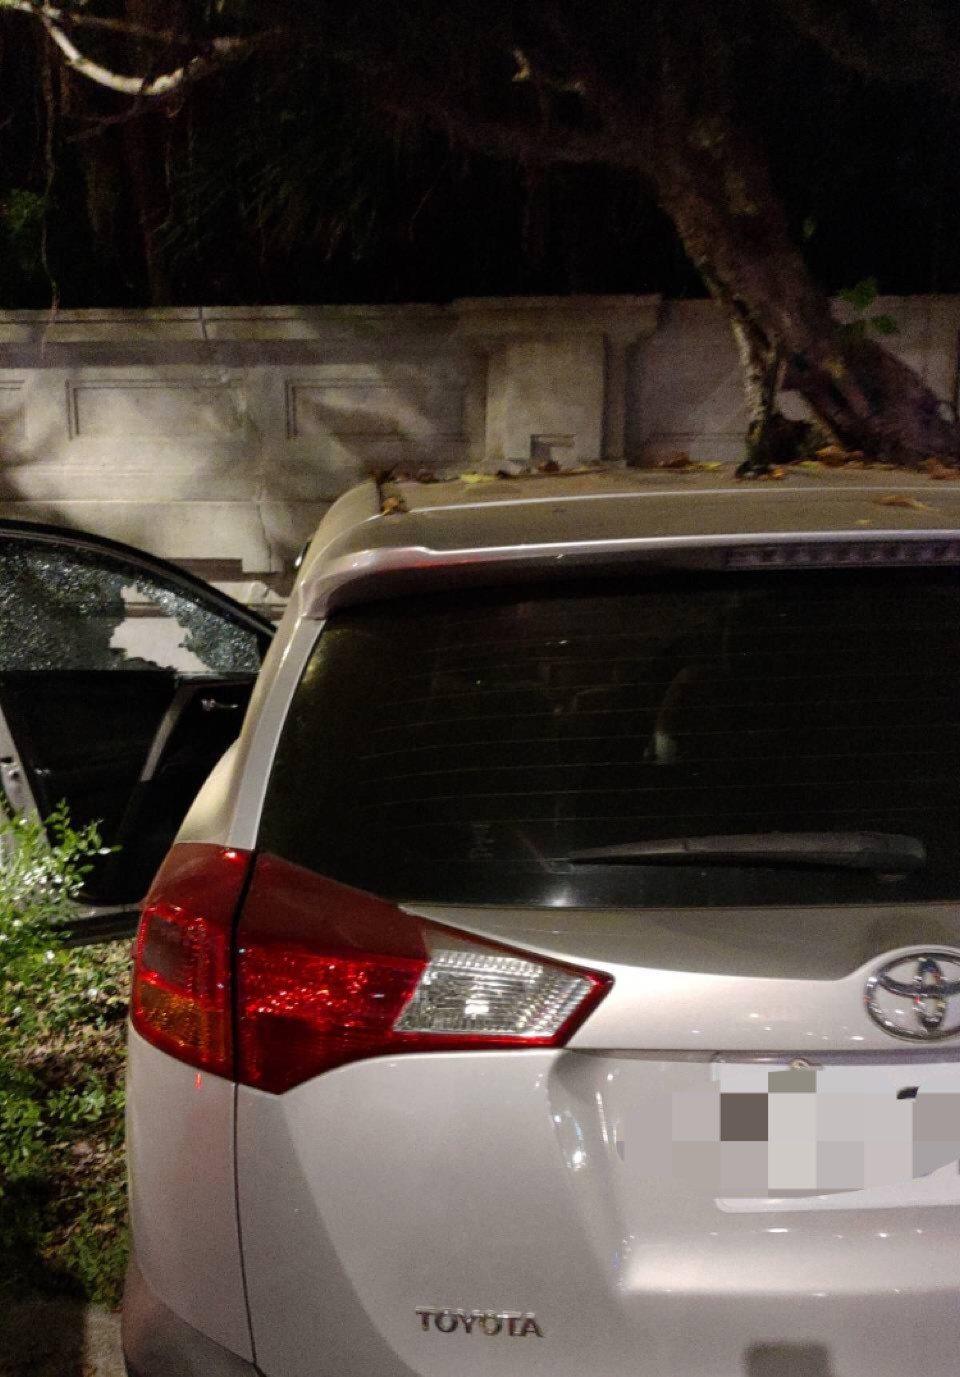 男駕駛疑似癲癇發作,開車衝撞台北賓館圍牆。圖/記者廖炳棋翻攝